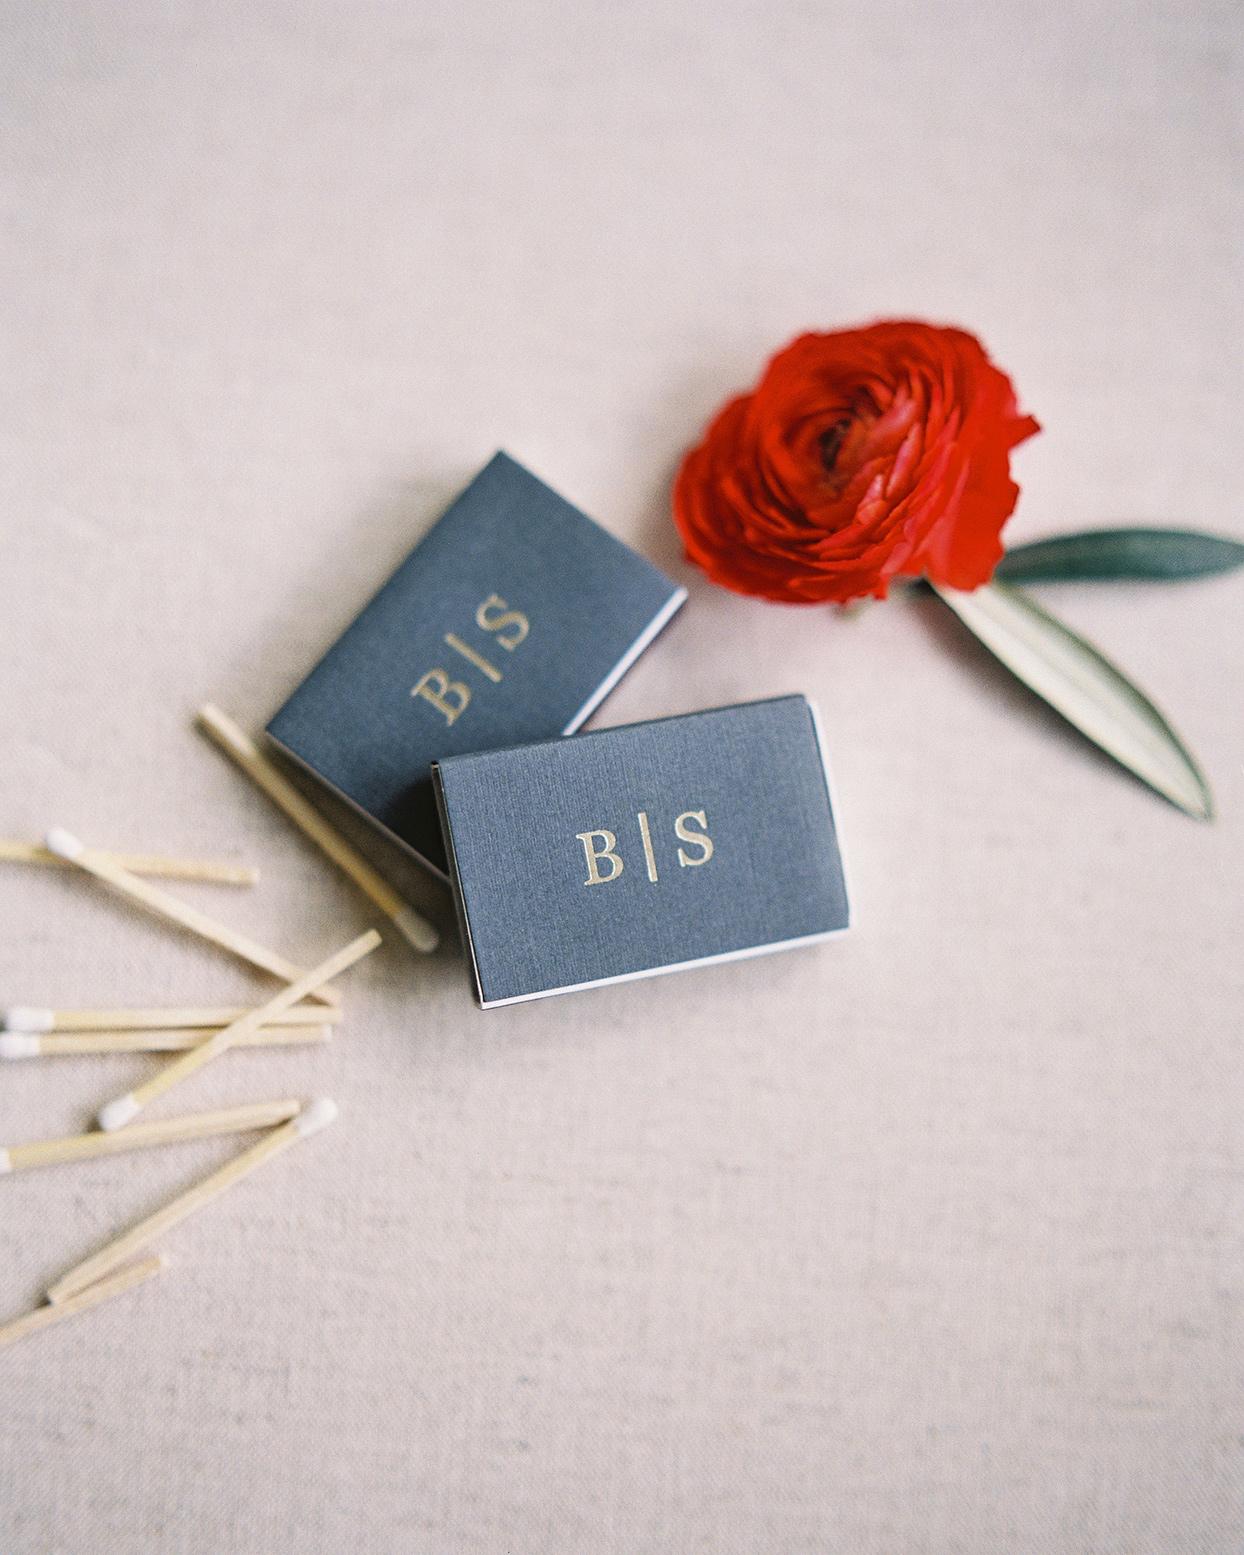 beverly steve wedding monogrammed matchbooks